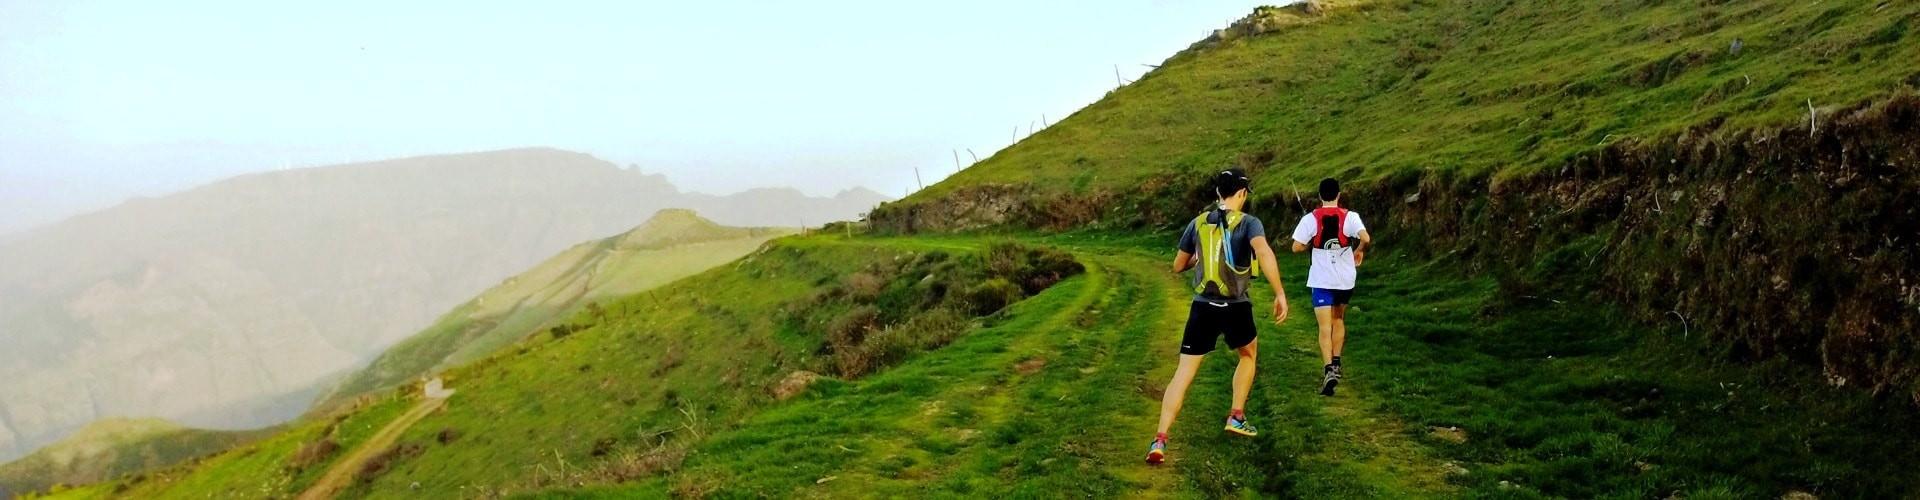 Trail Tours na Ilha da Madeira